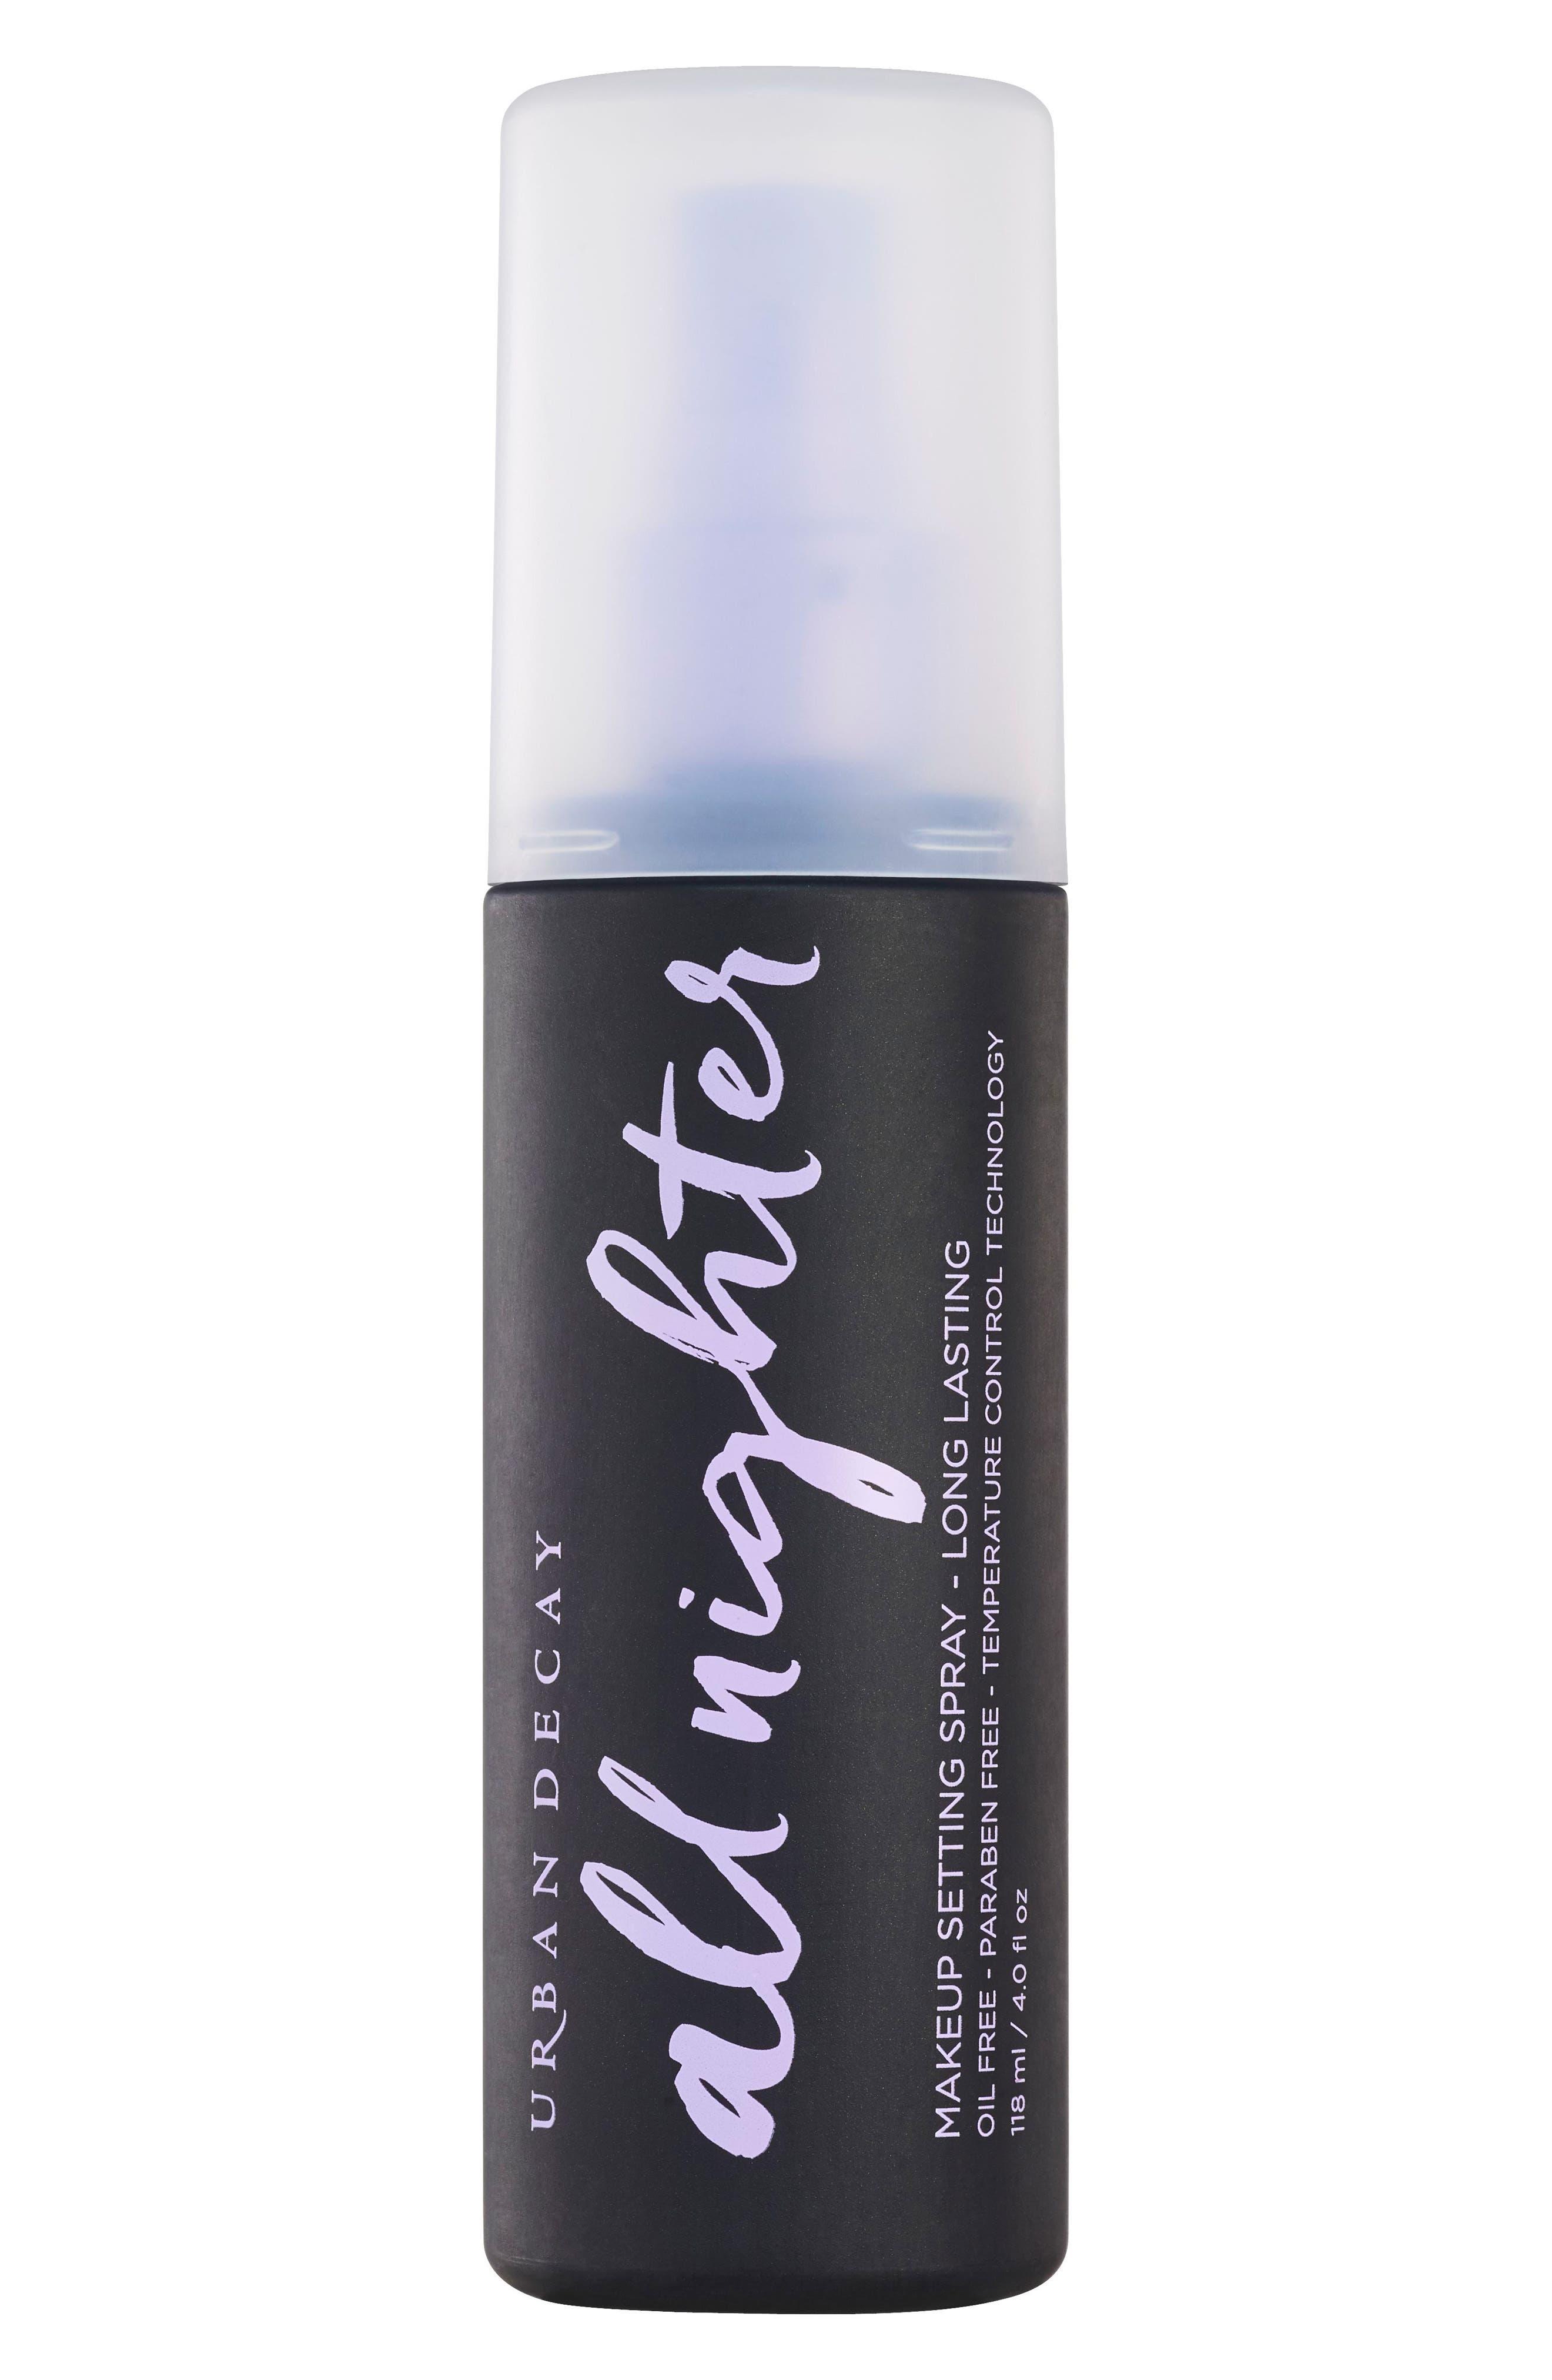 All Nighter Long-Lasting Makeup Setting Spray,                             Main thumbnail 1, color,                             NO COLOR